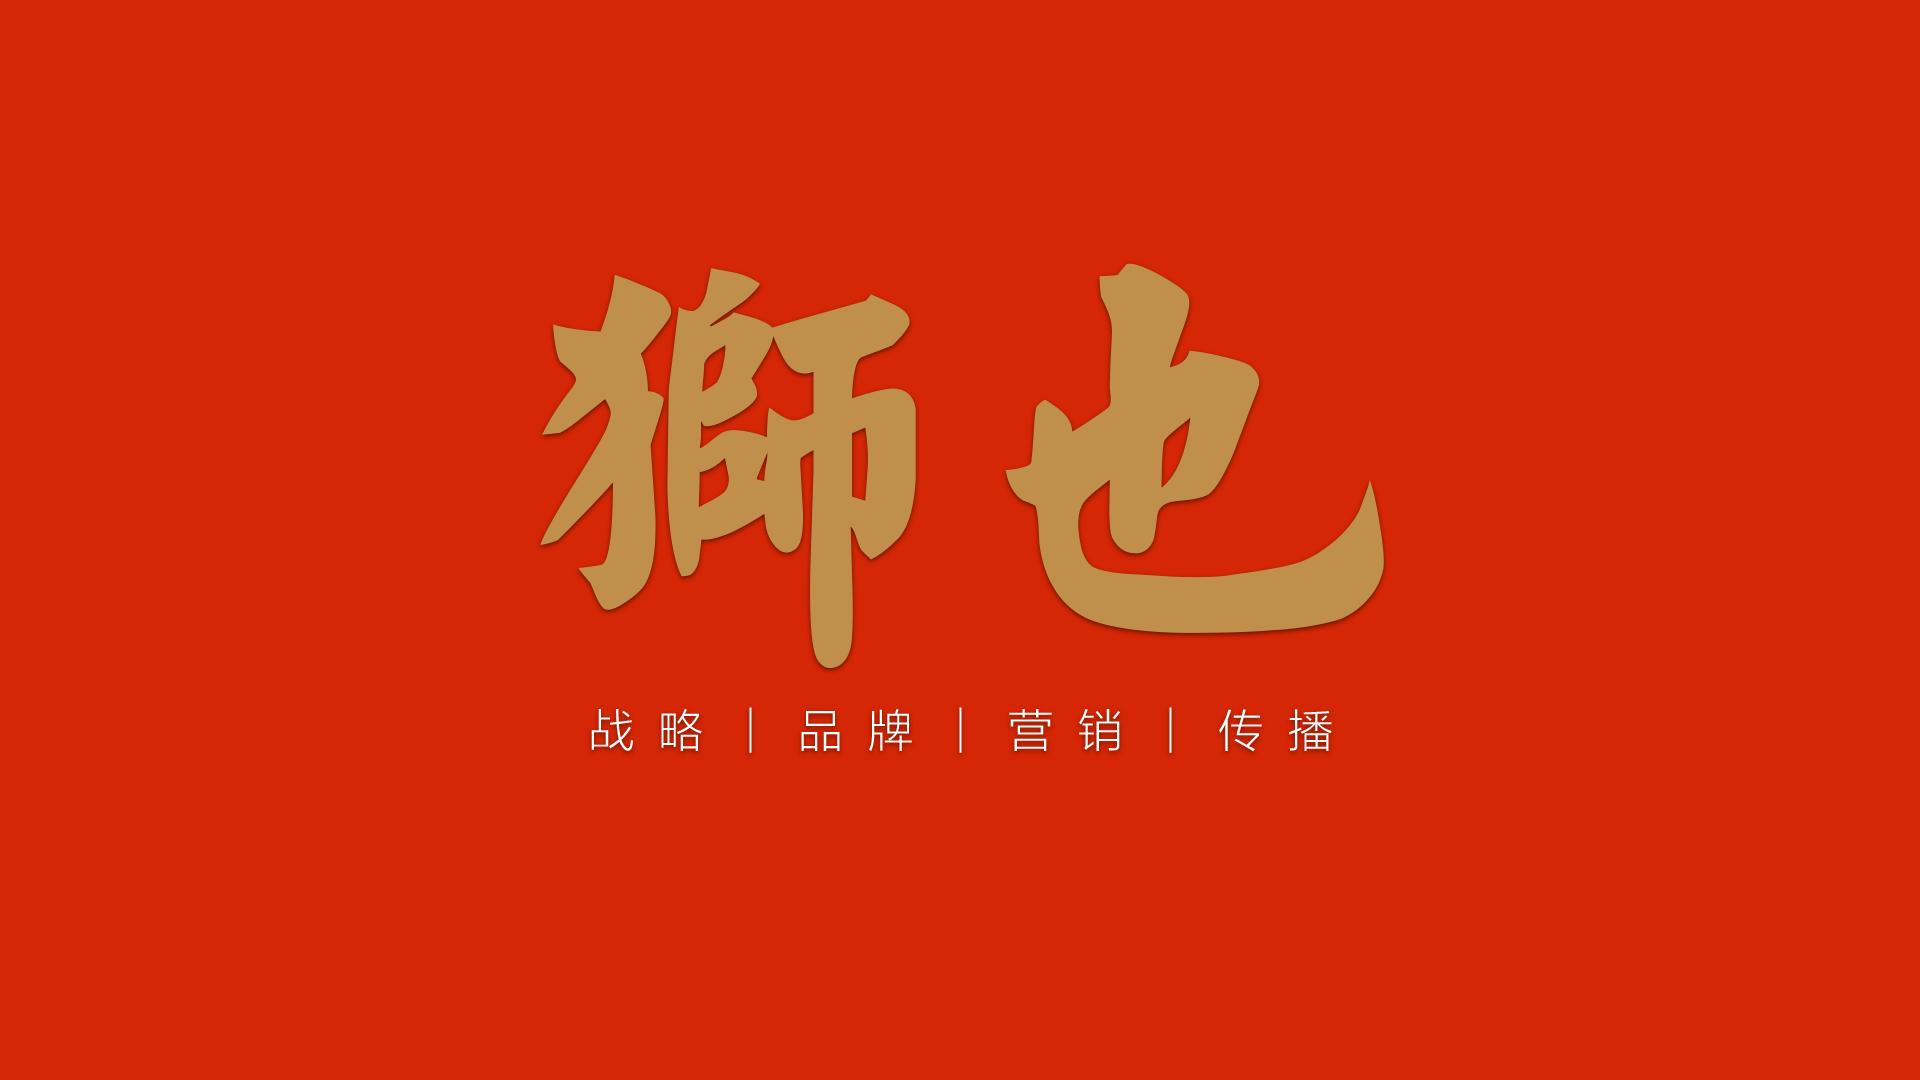 上海营销策划公司—从QQ手游的节日营销 看 手游营销新思维